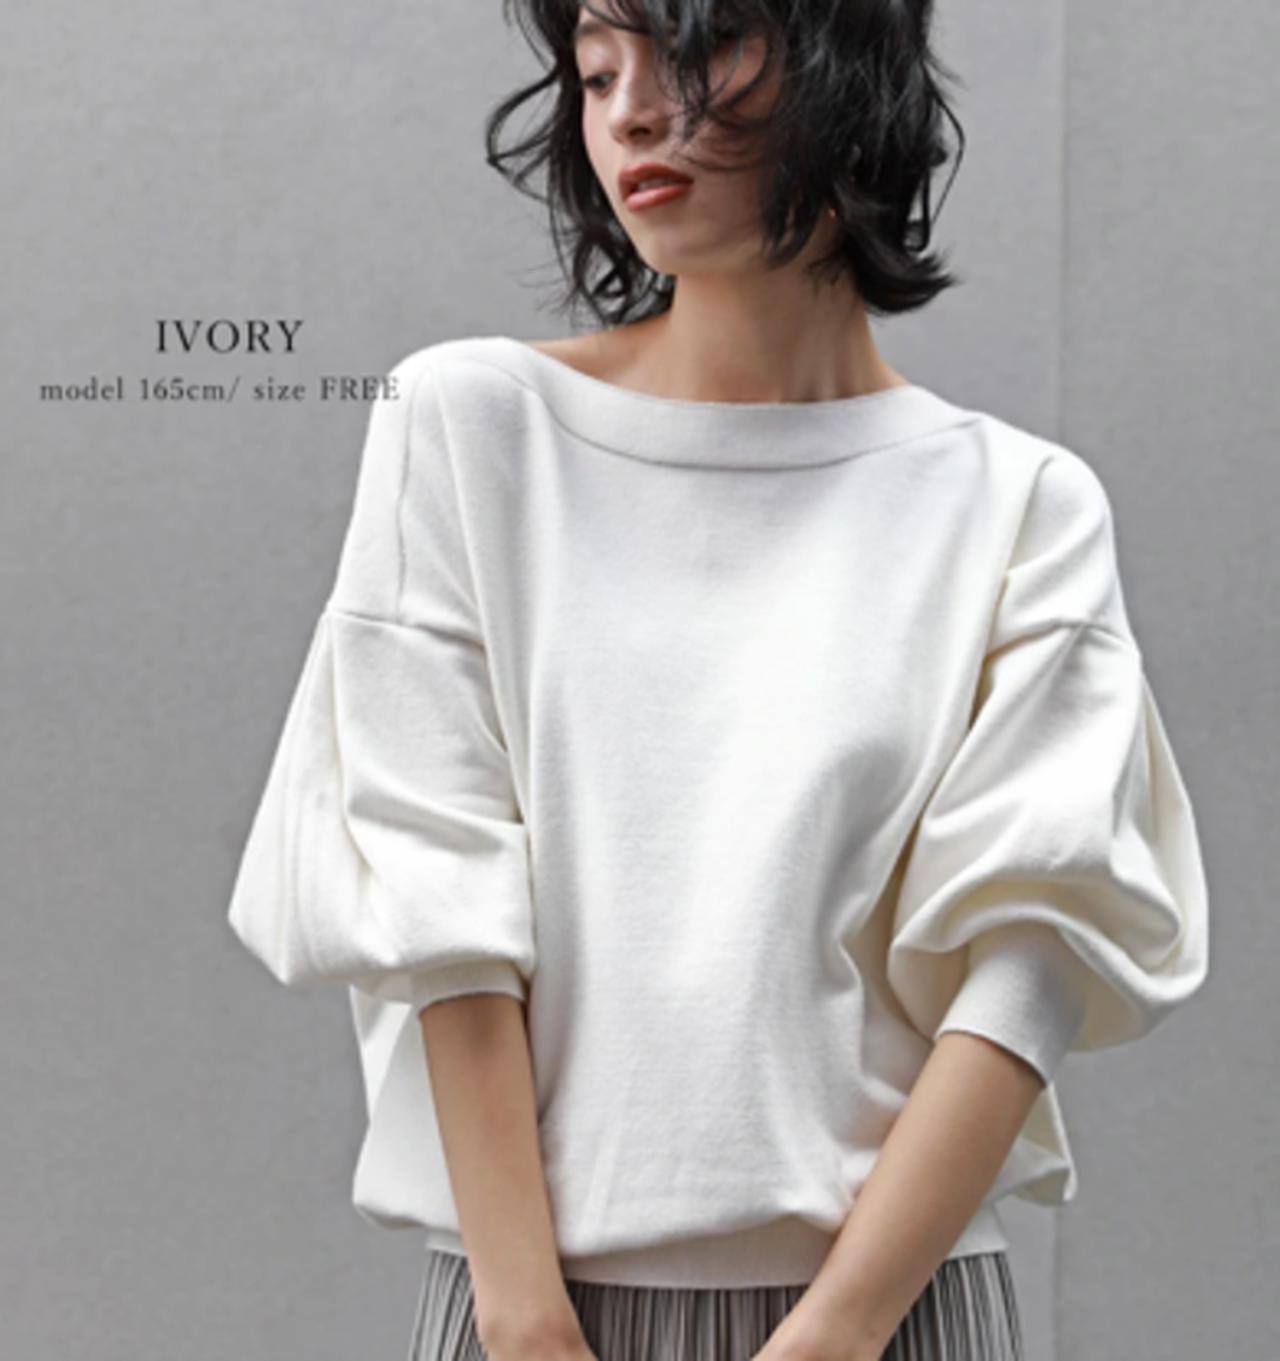 画像: そろそろ秋のファッションへとアップデート! 袖コンシャスからベストまでコーデをスタイルアップするニット